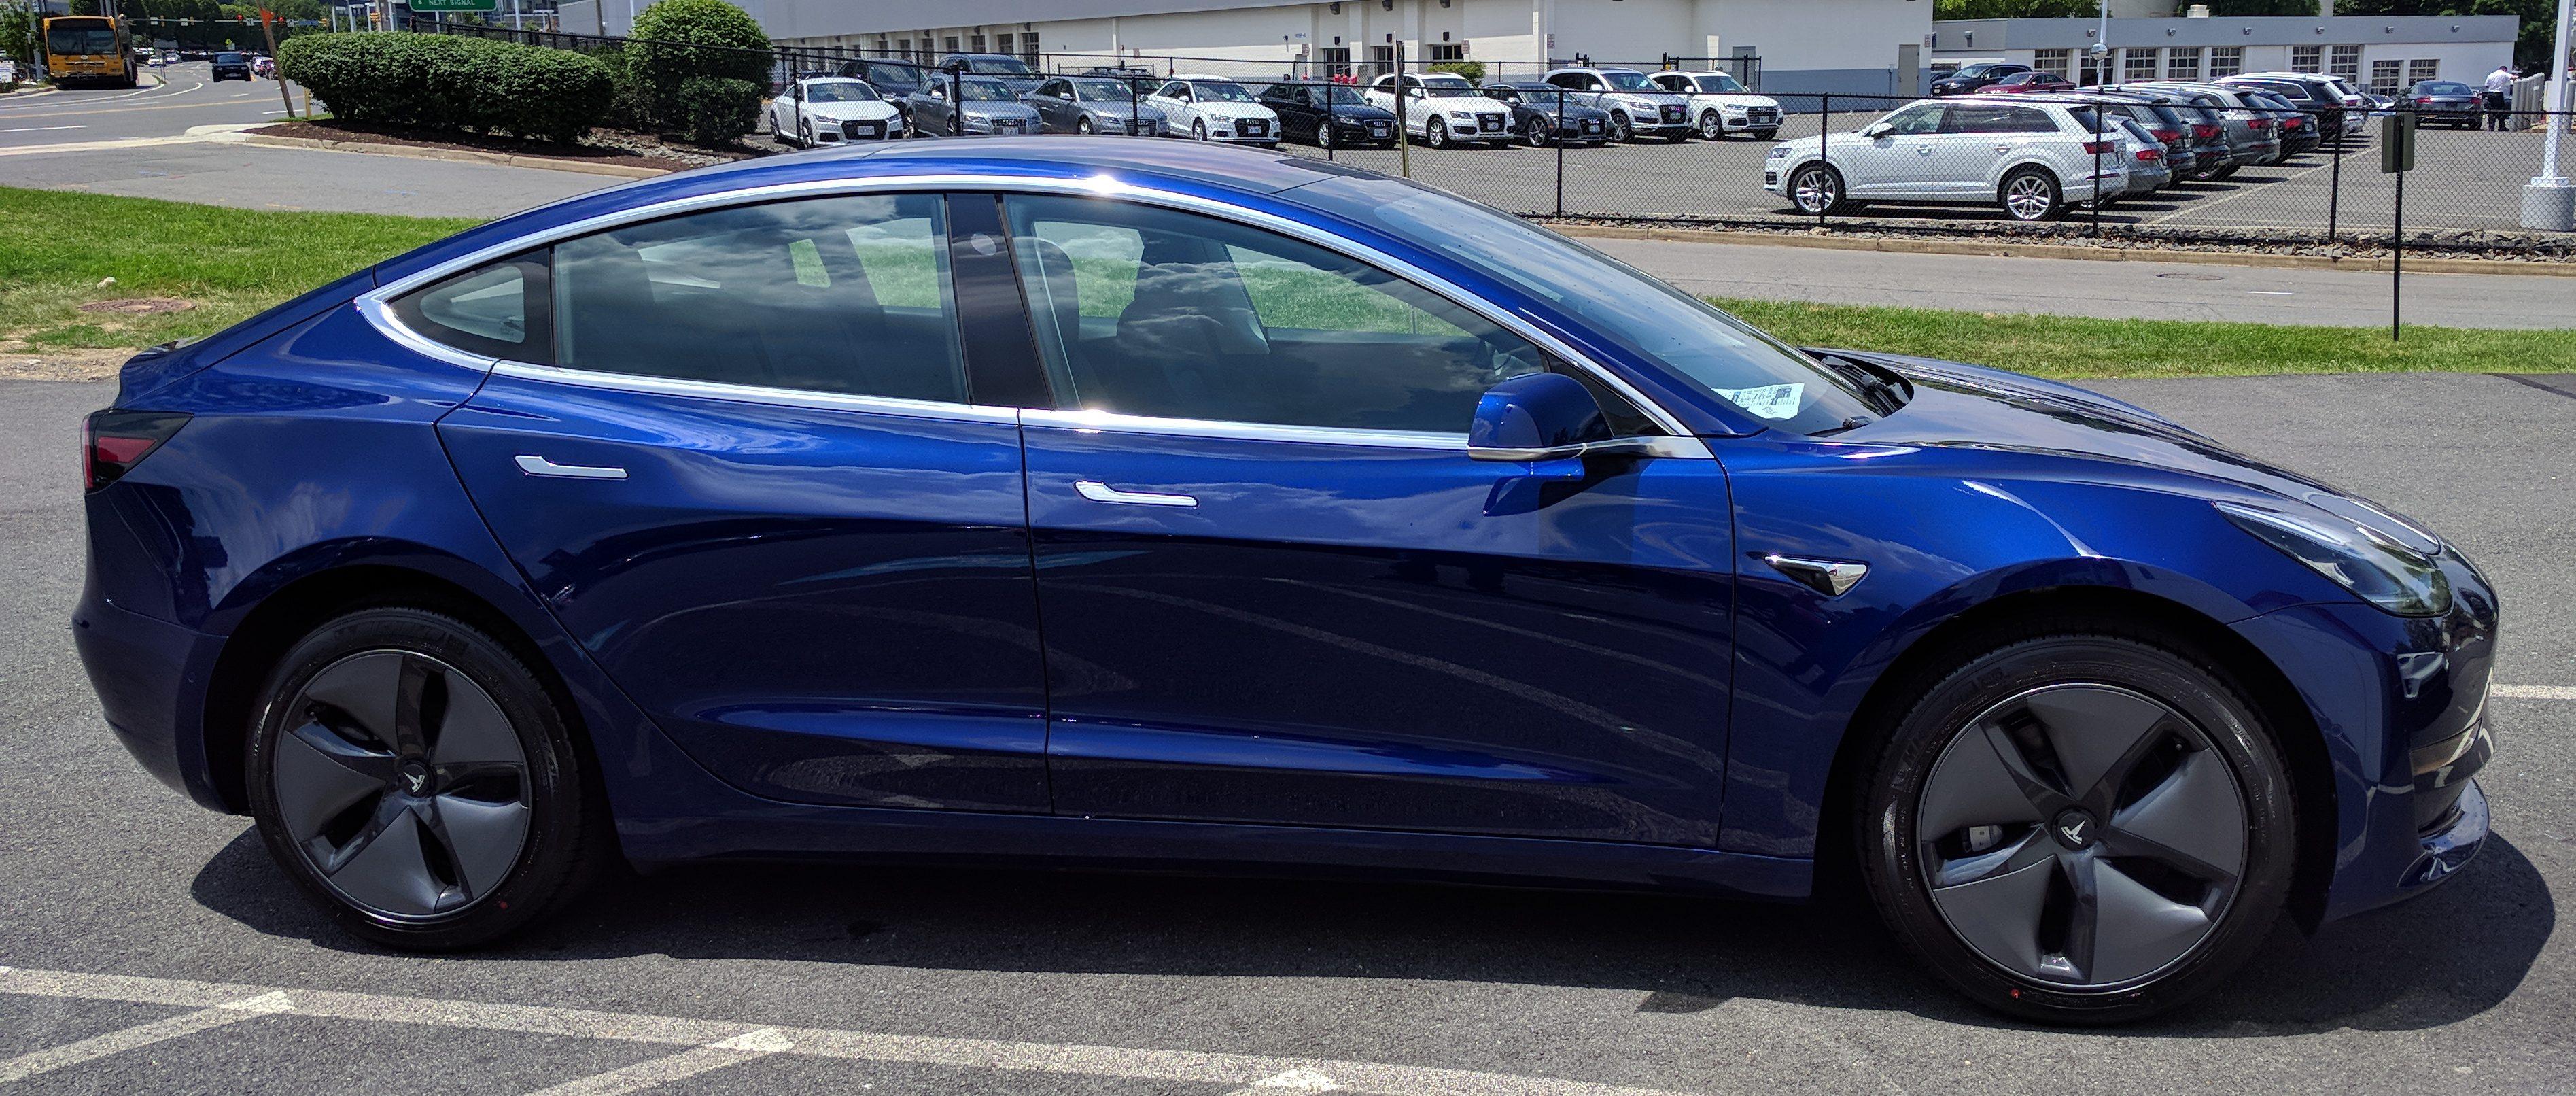 My Blue Tesla Model 3